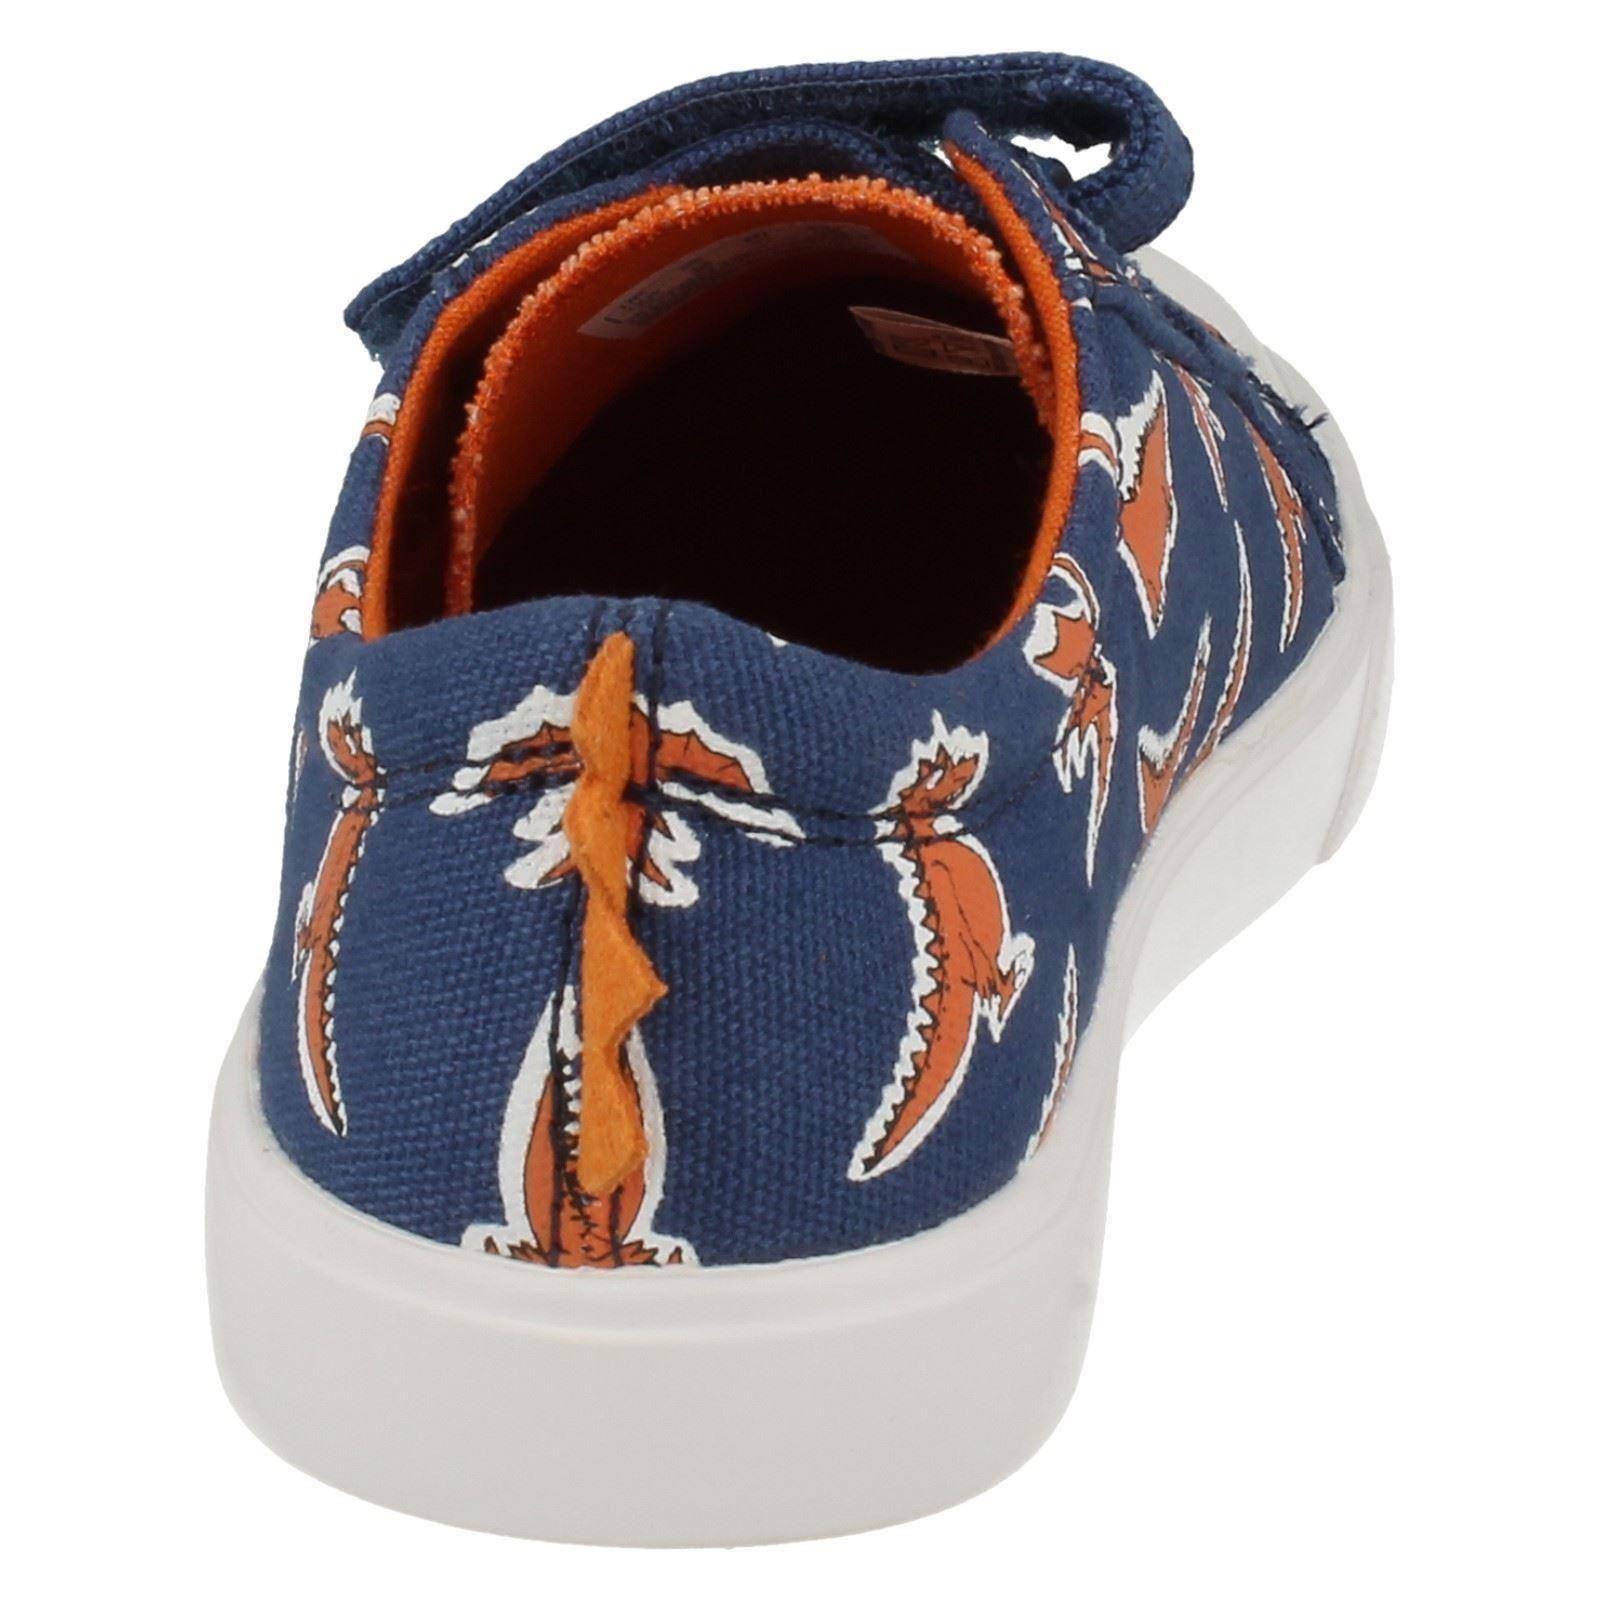 Infant /& Junior Boys Clarks Rounded Toe Hook /& Loop Dinsaur Doodles Tricer Roar